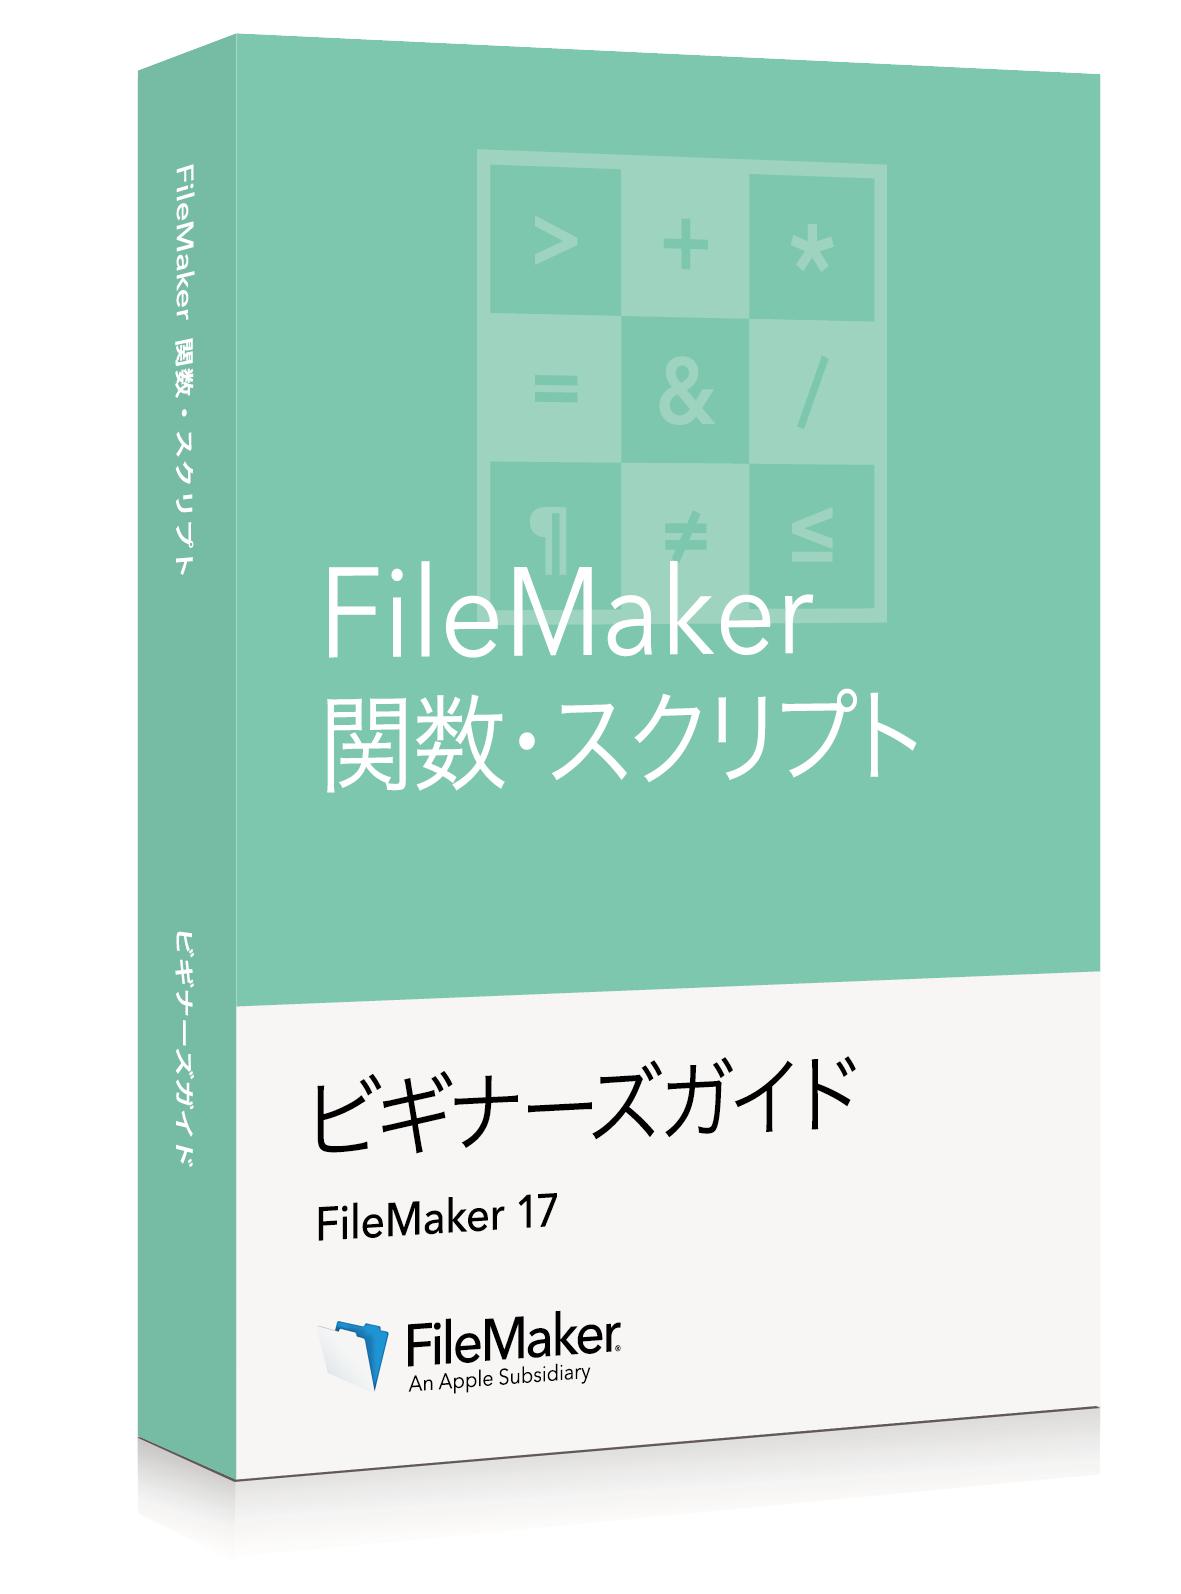 FileMaker 関数・スクリプト ビギナーズガイド